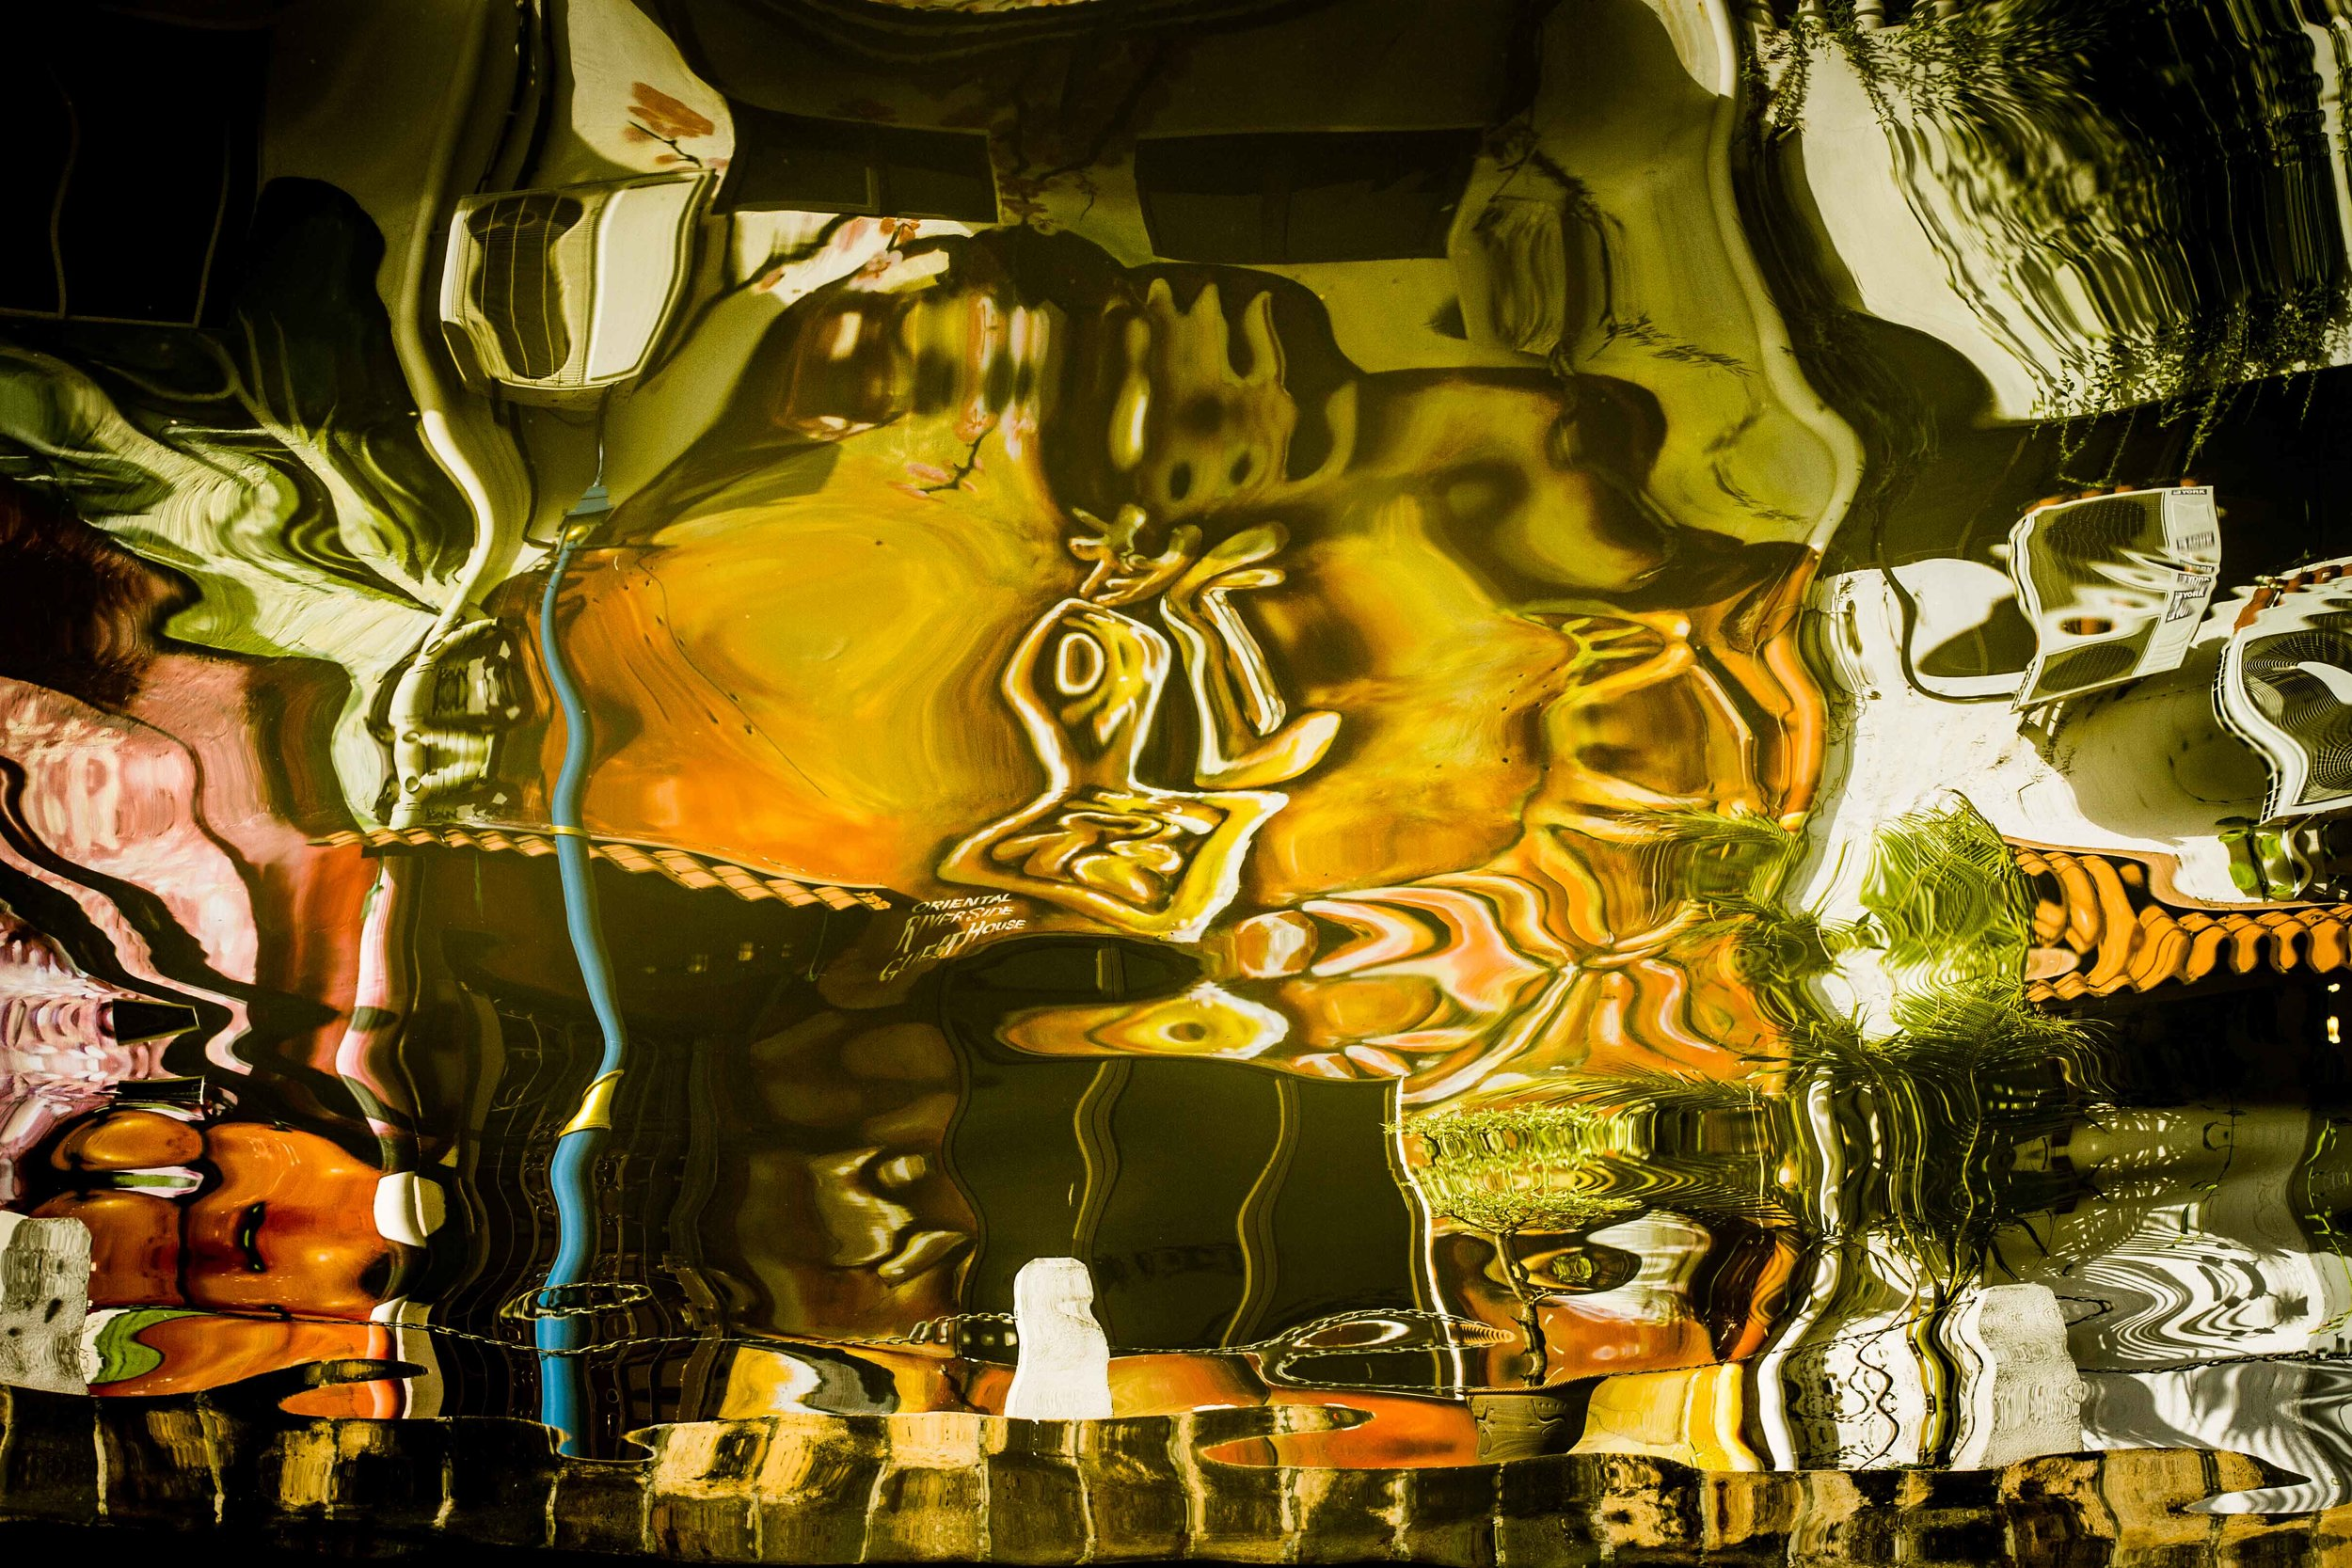 Copy of BenGoh-Paradise-Photograph-75x59cm.jpg